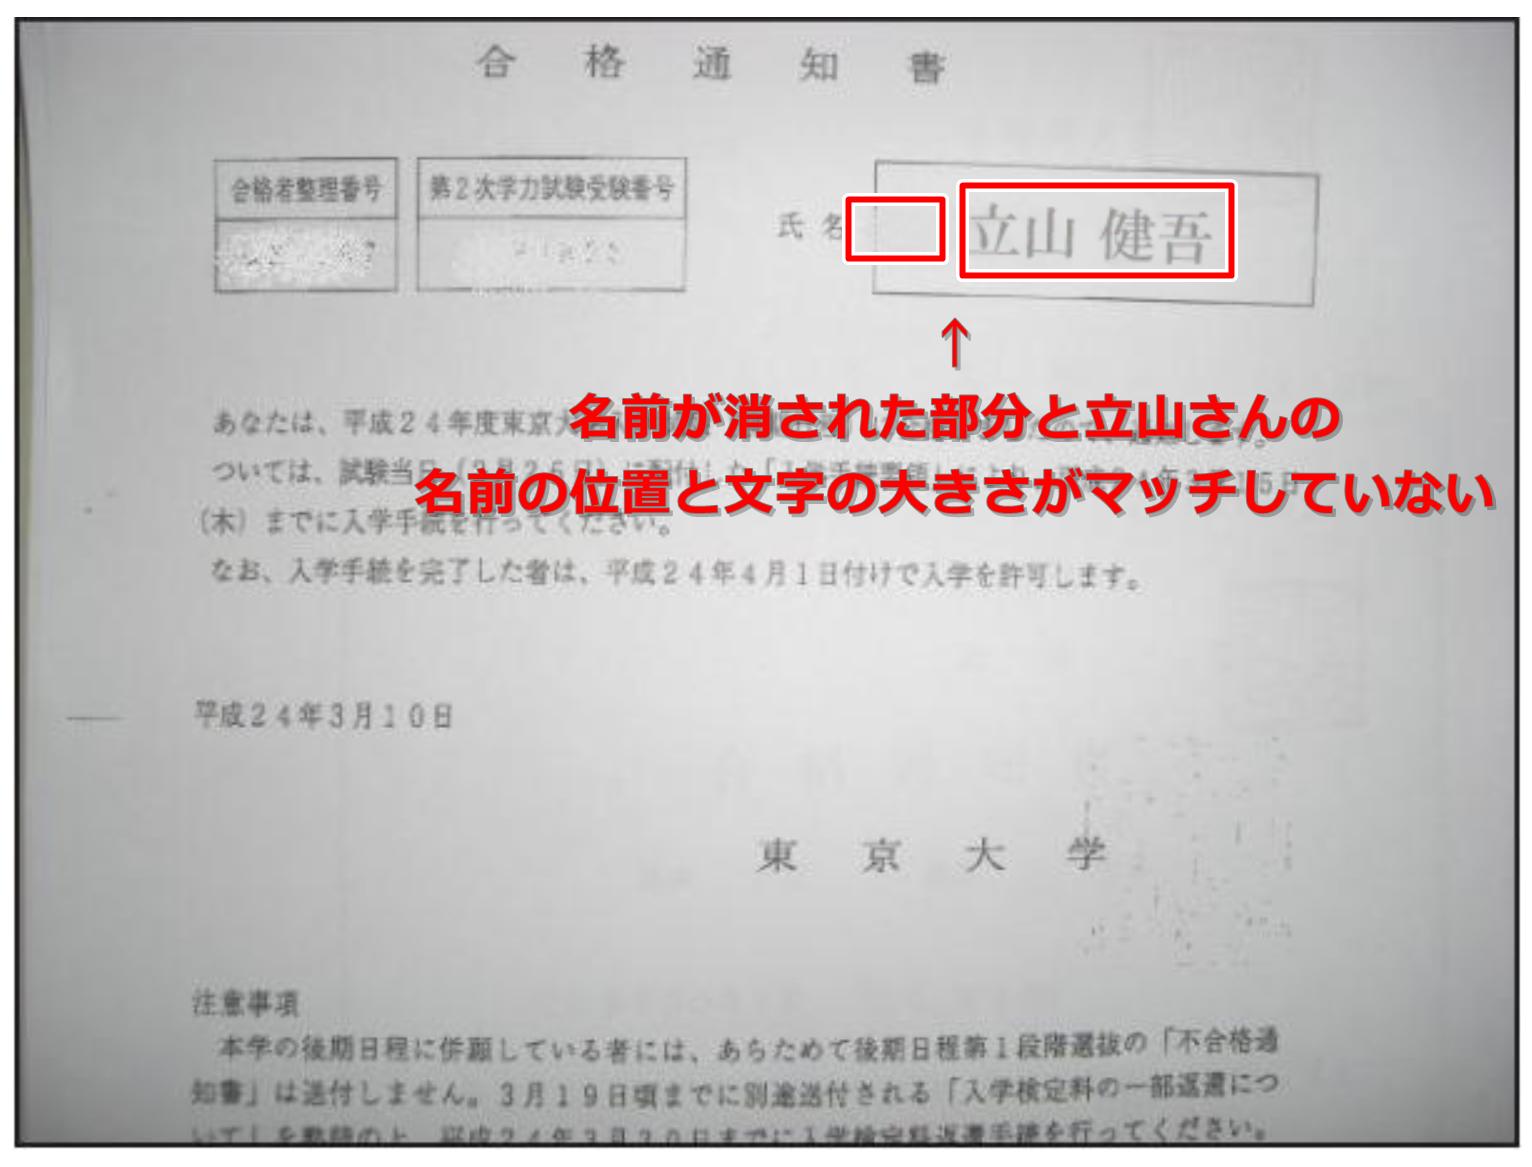 立山健吾 仮想通貨ABCプロジェクト10